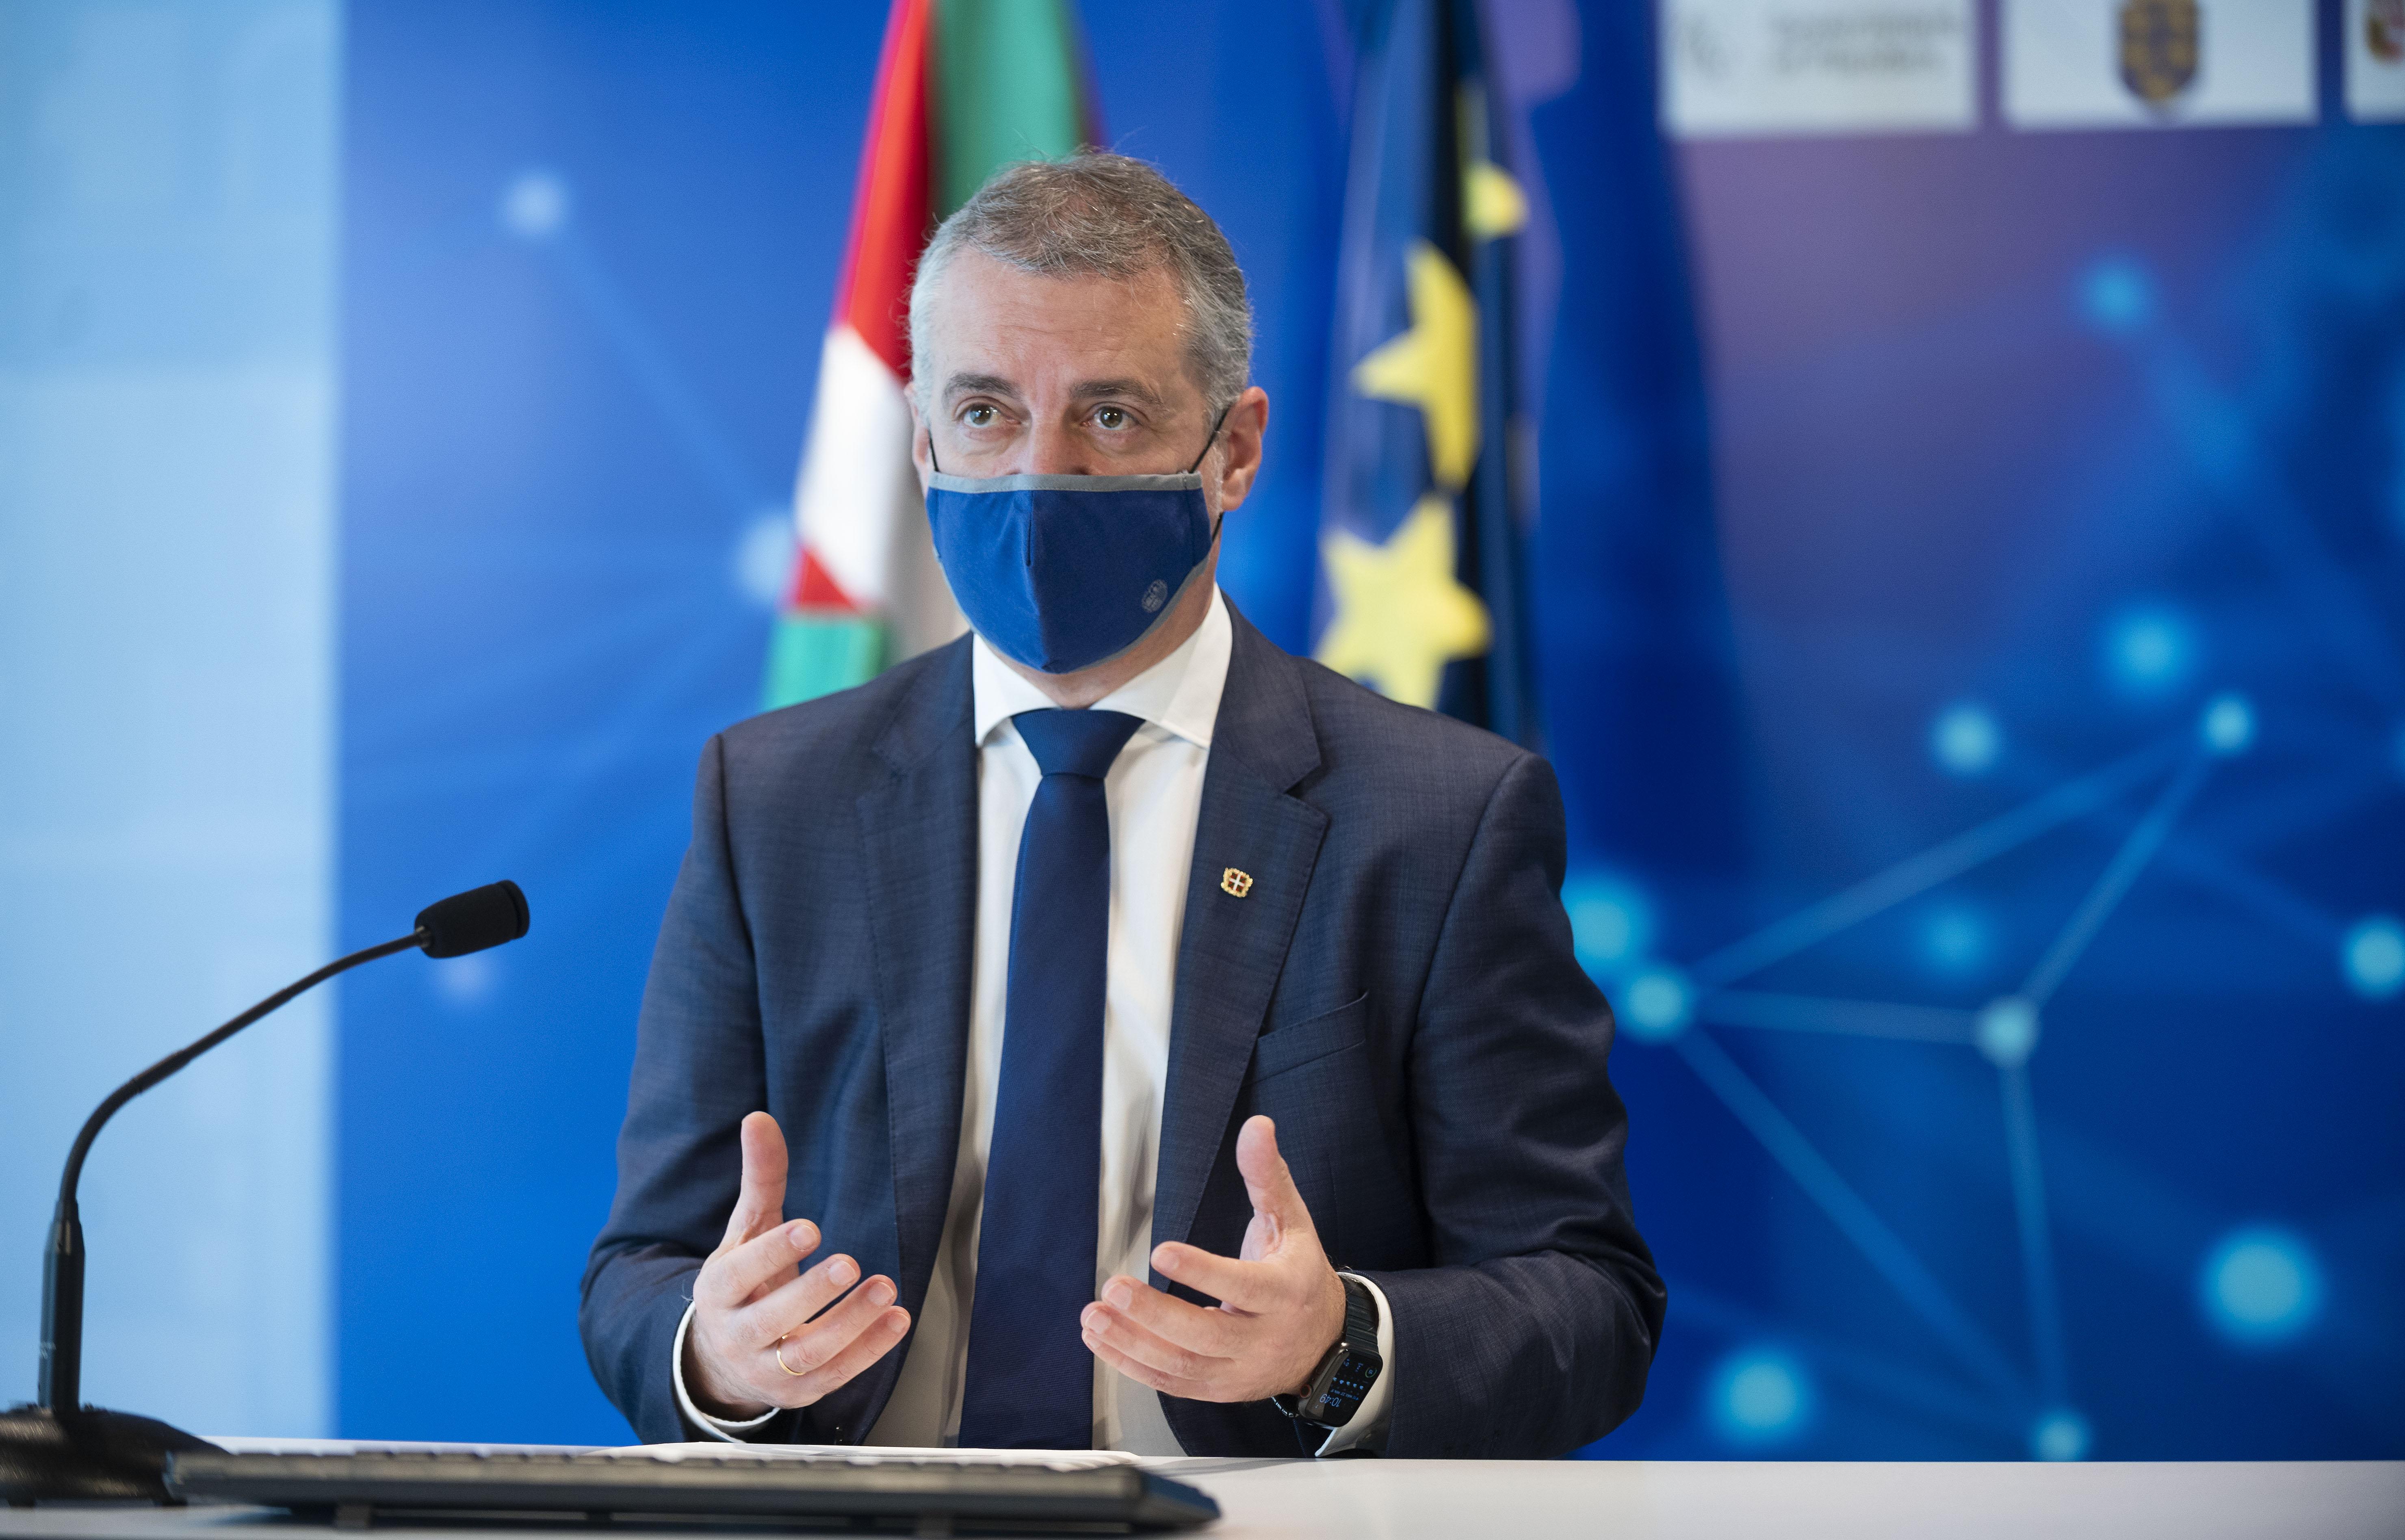 Día de Europa [2:55]